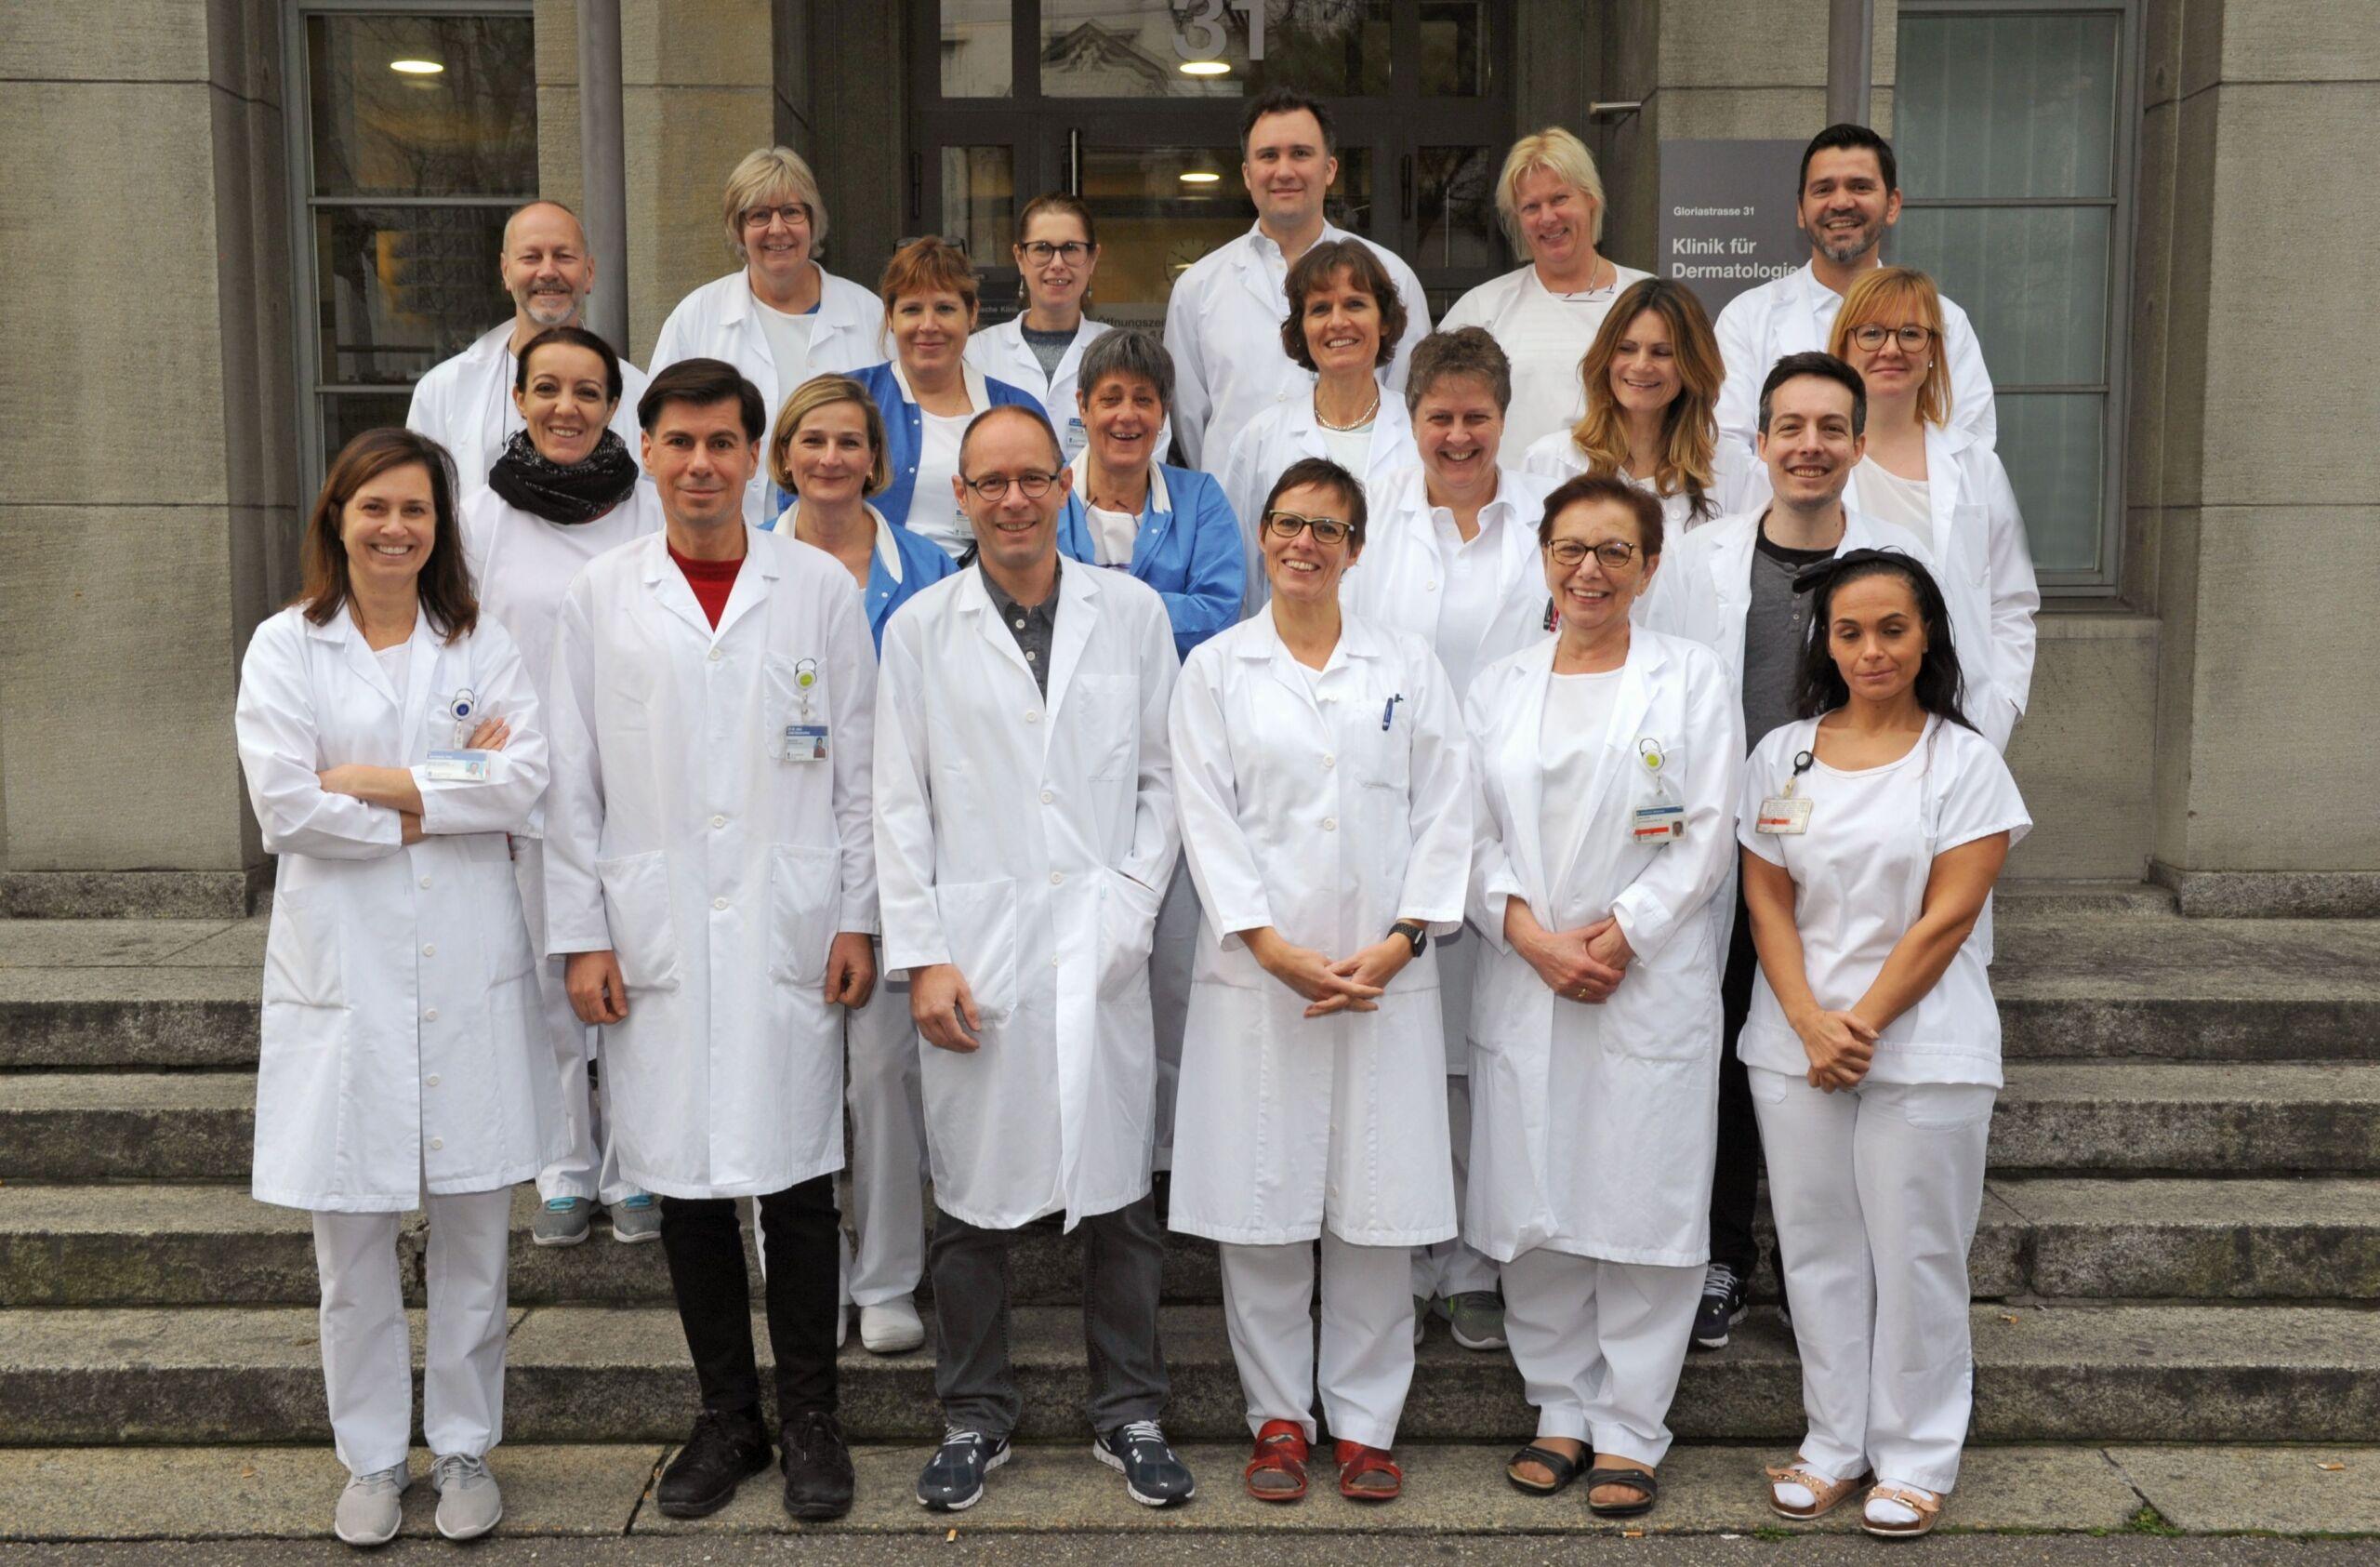 Team Gruppenbild der Dermatologie